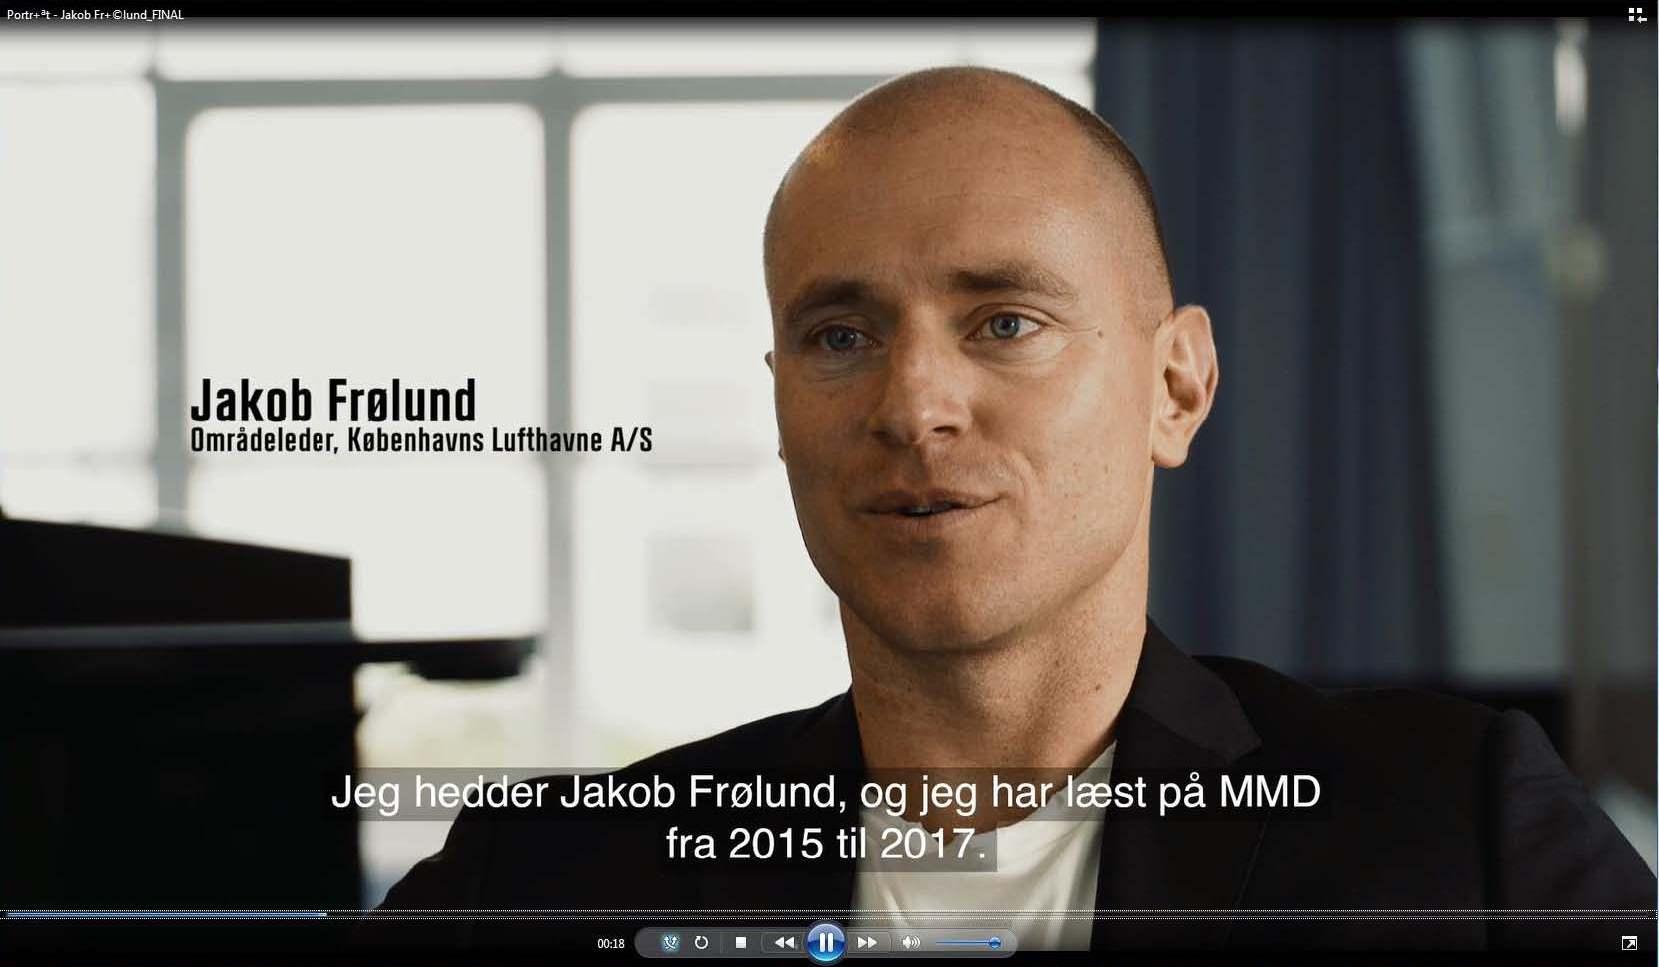 Jakob Frølund, MMD 2016